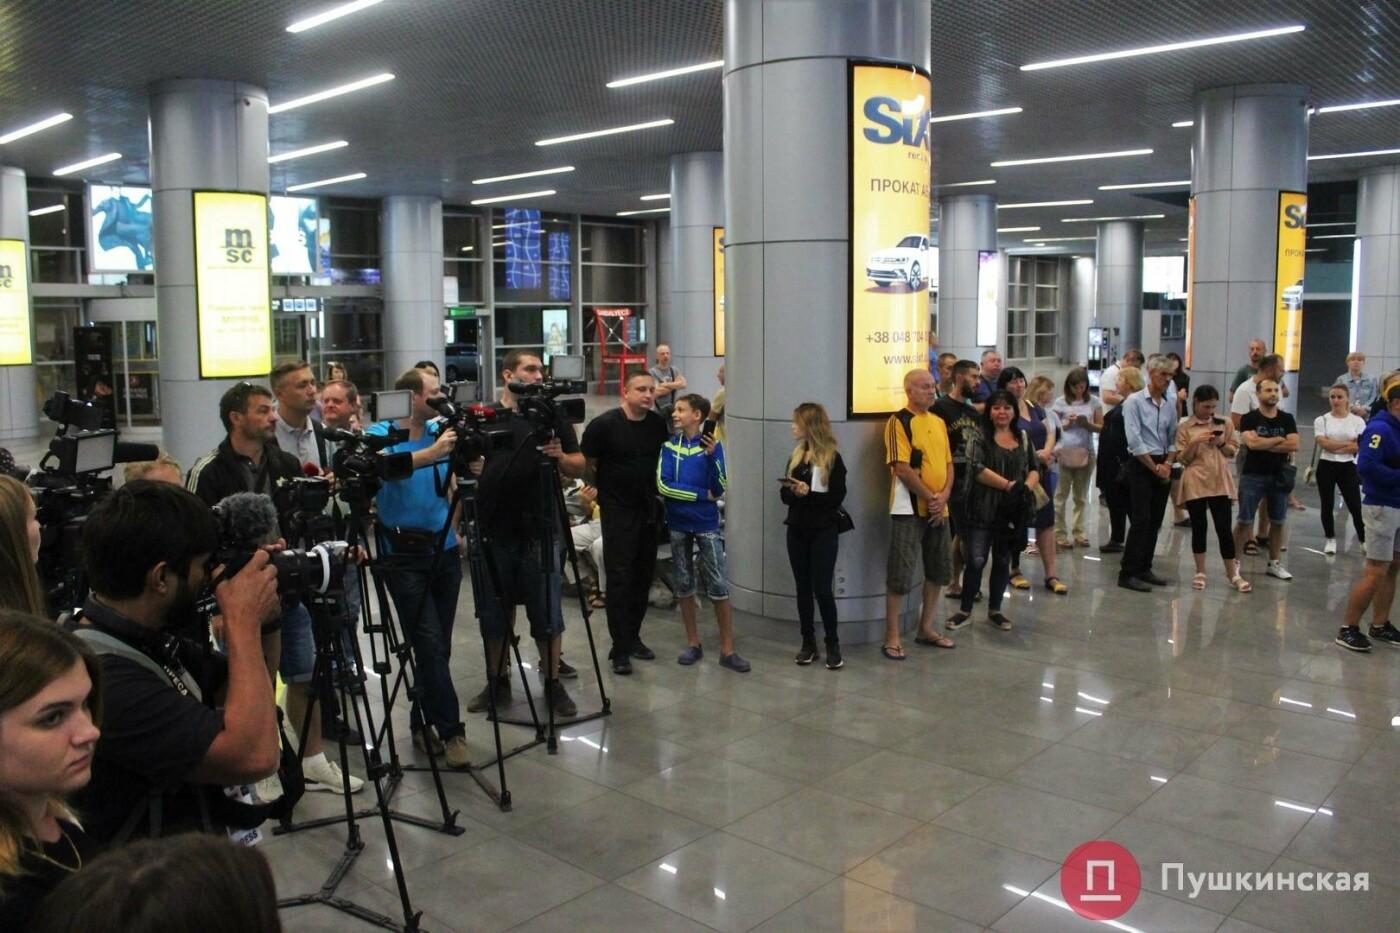 Возвращение чемпиона: ночью в одесском аэропорту встречали Василия Ломаченко . Фото, фото-1